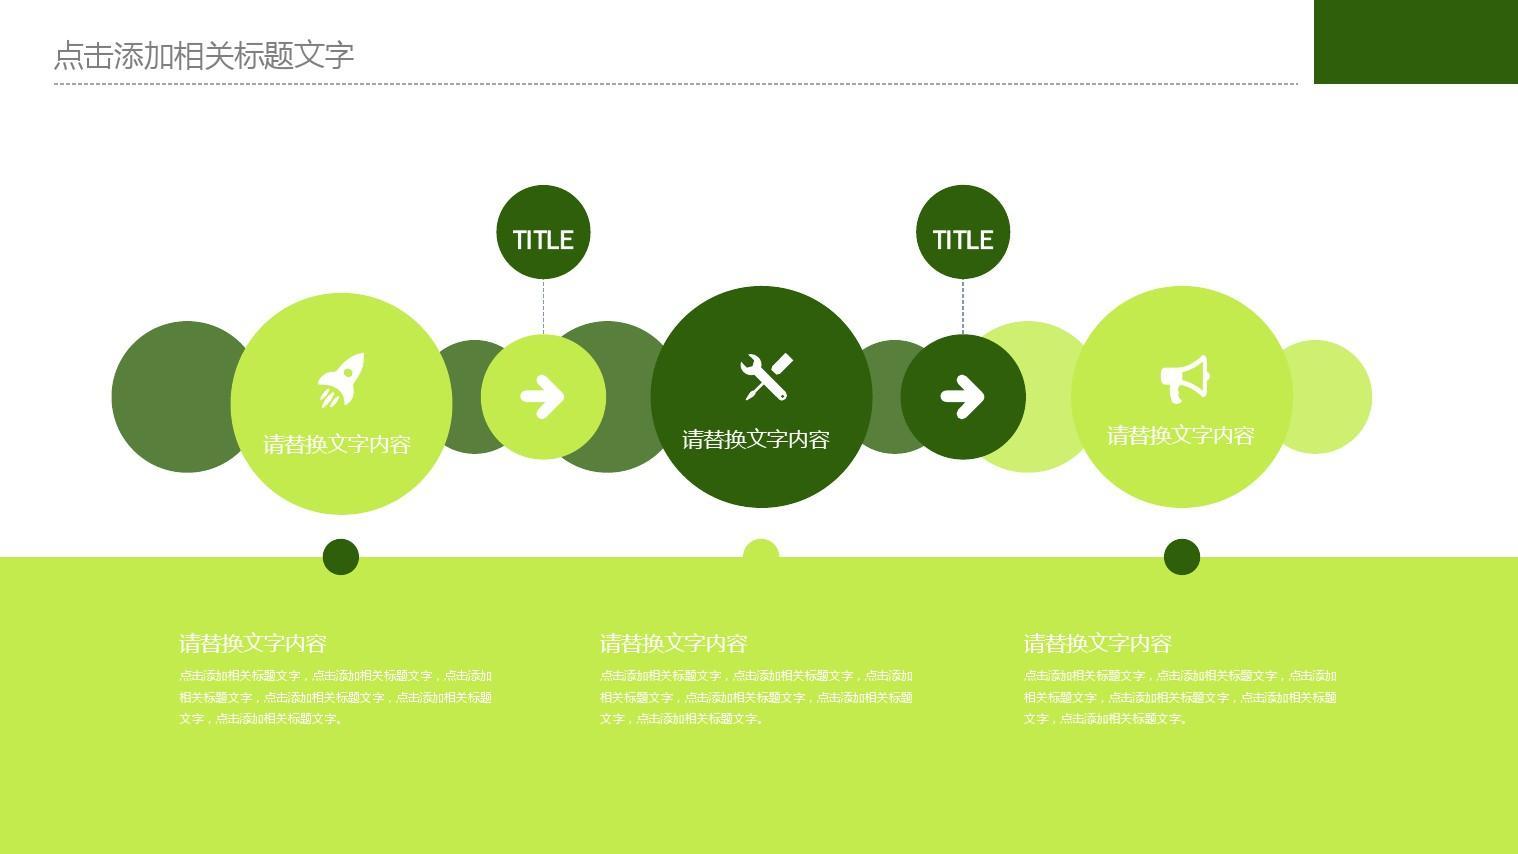 【精选】小班几何图形教学课程设计教师说课ppt【ppt模板】教案我们的城堡绿色设计思路图片